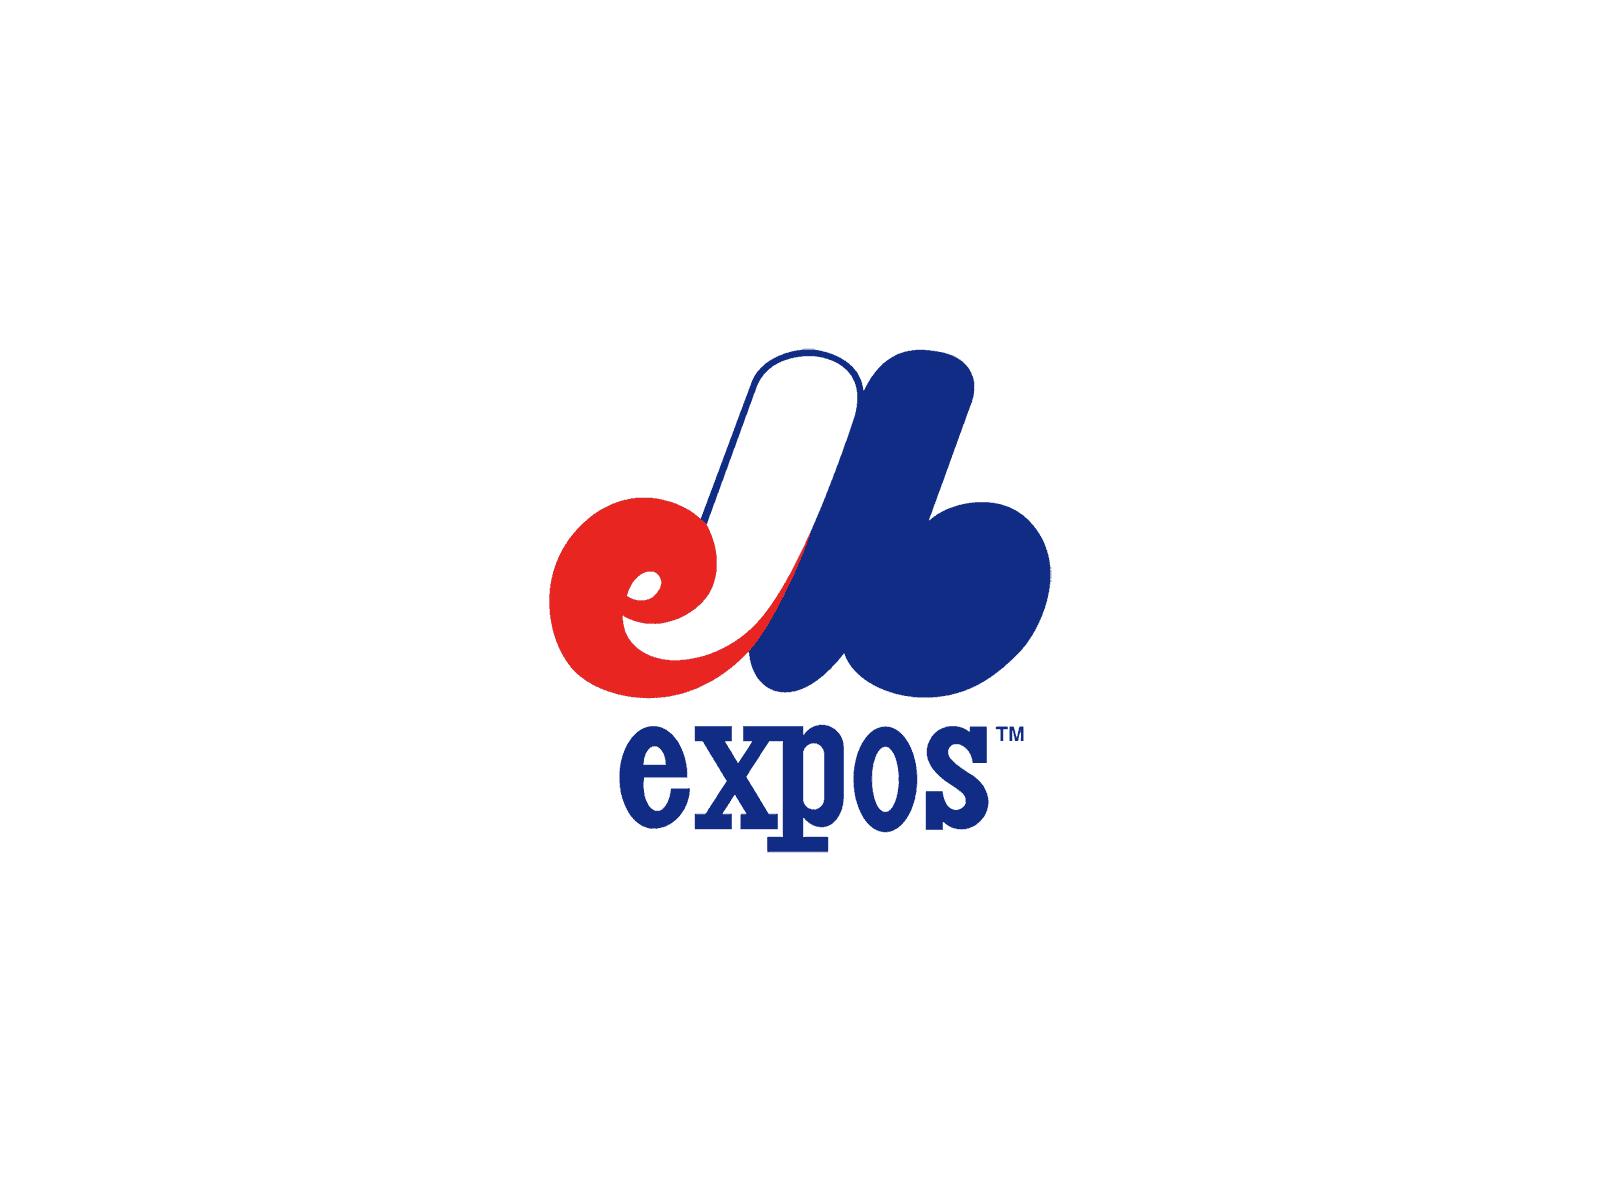 Expos Wallpaper